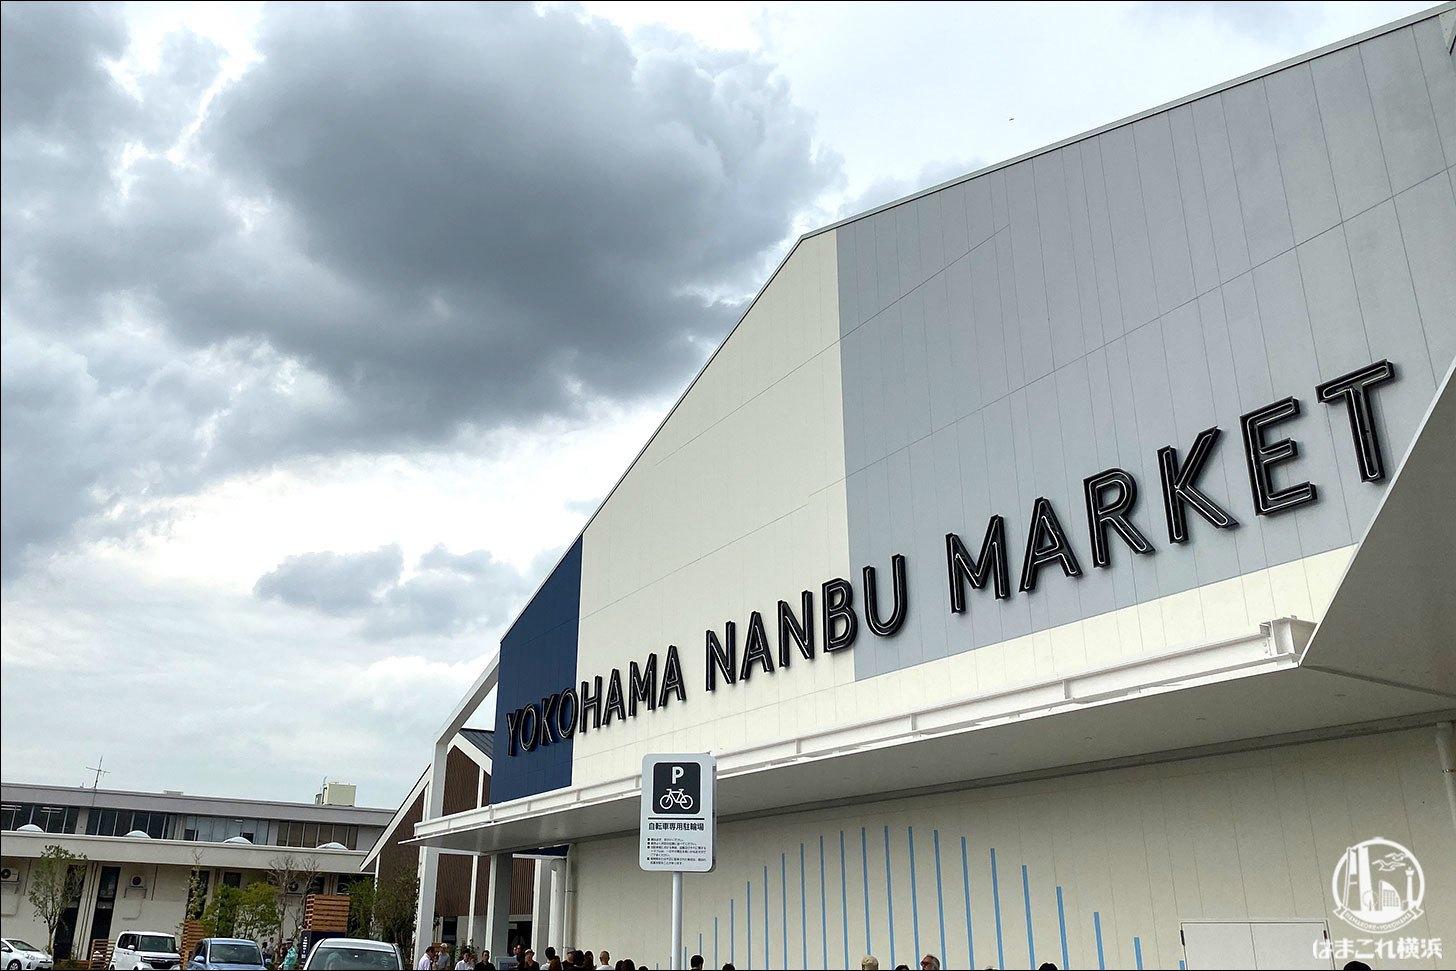 ブランチ横浜南部市場